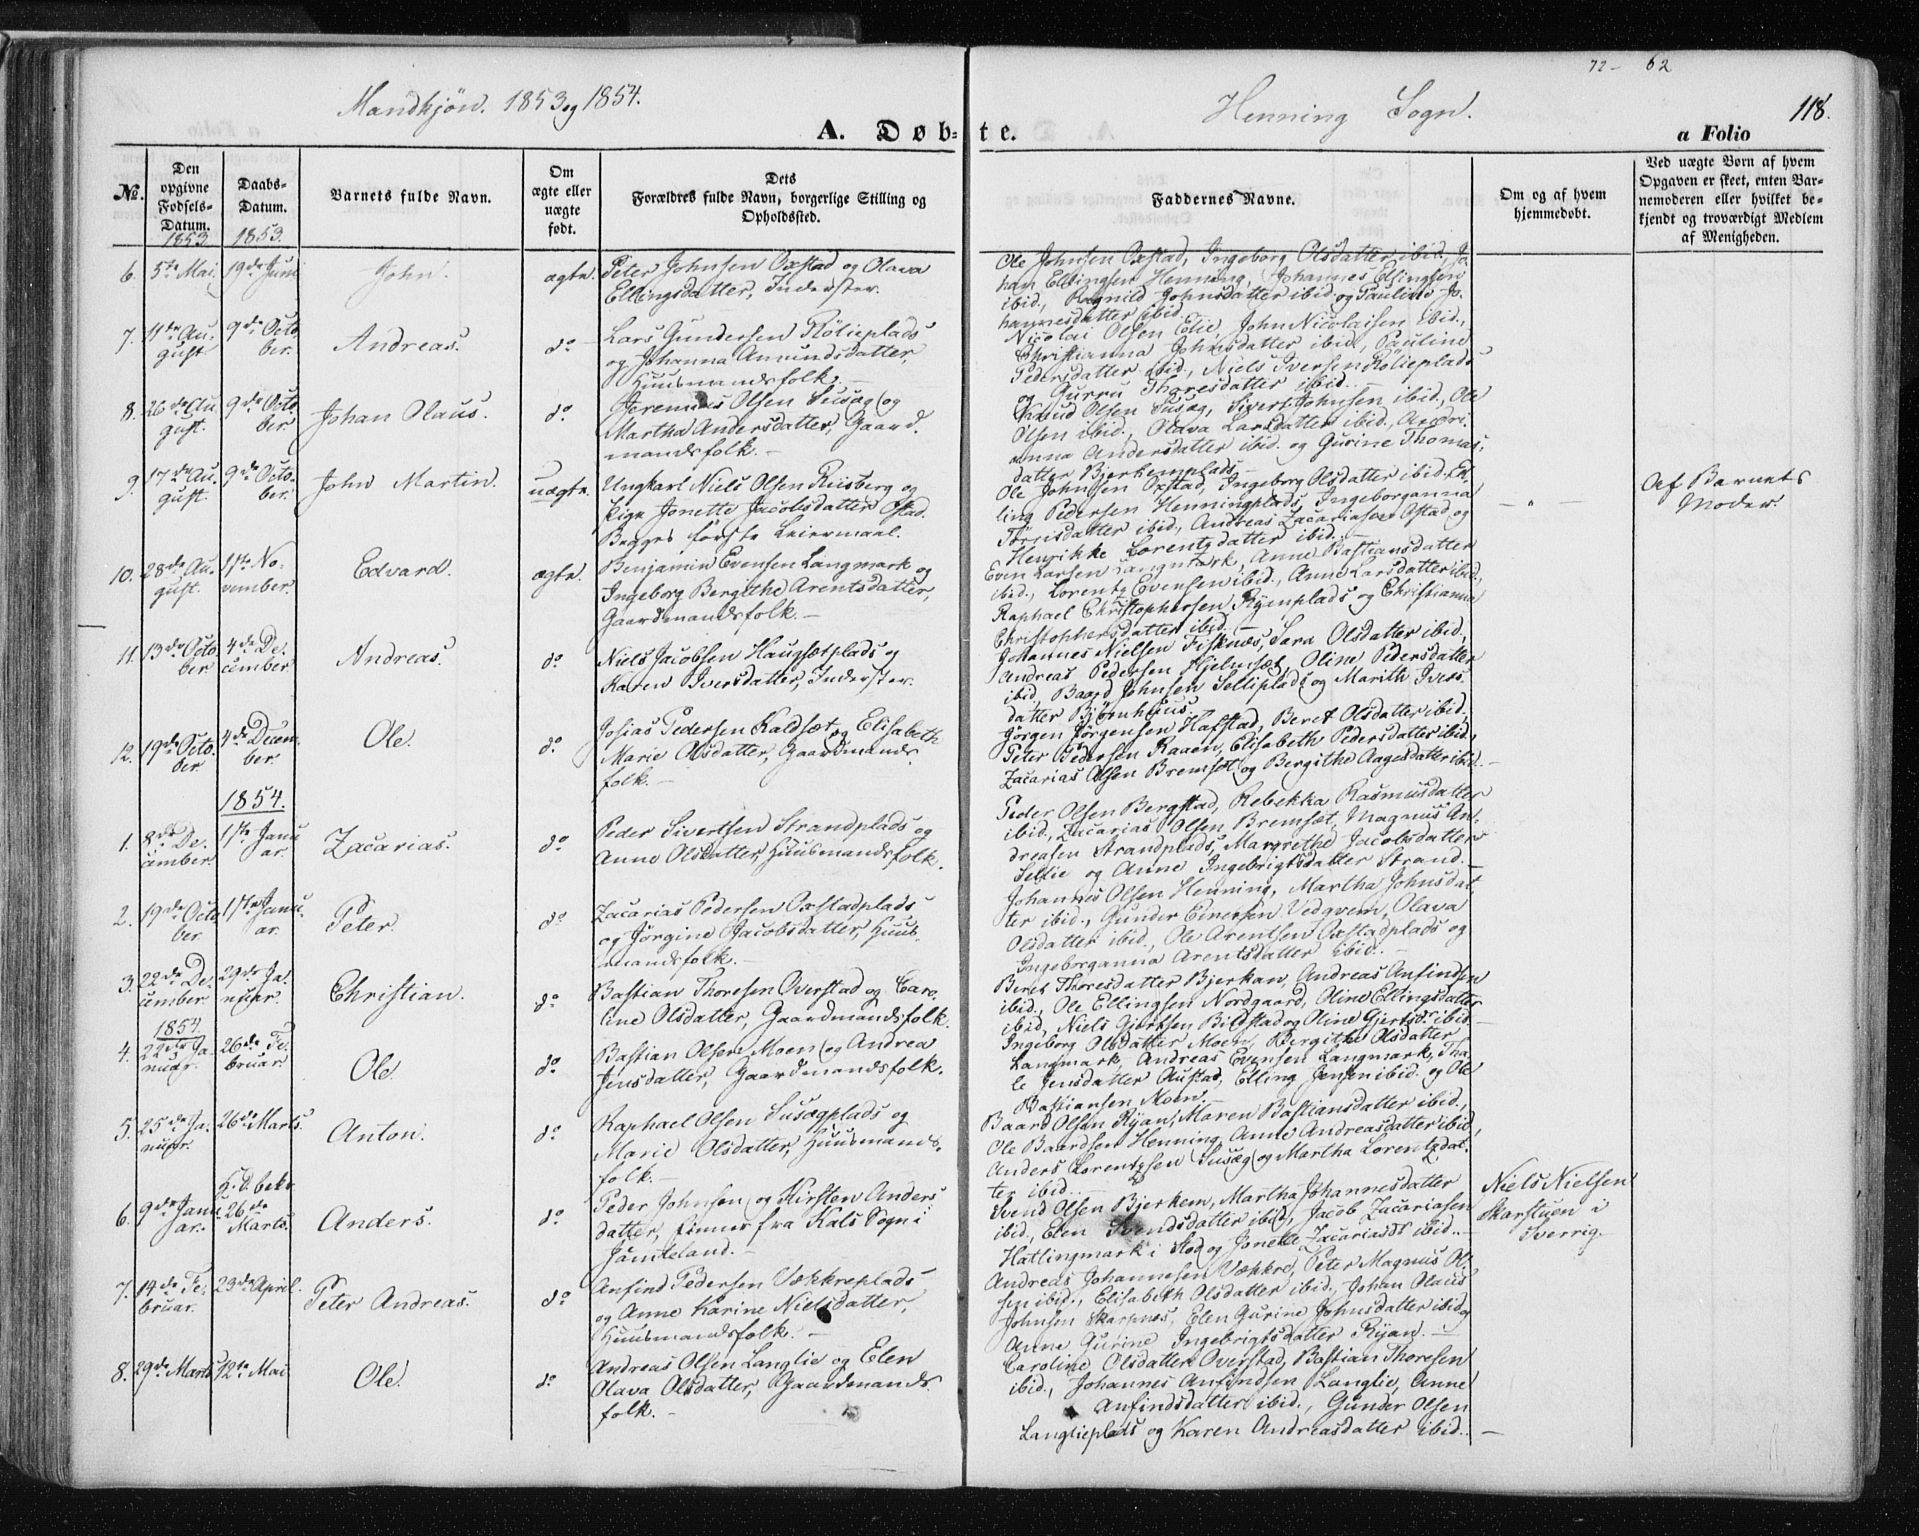 SAT, Ministerialprotokoller, klokkerbøker og fødselsregistre - Nord-Trøndelag, 735/L0342: Ministerialbok nr. 735A07 /3, 1849-1862, s. 118